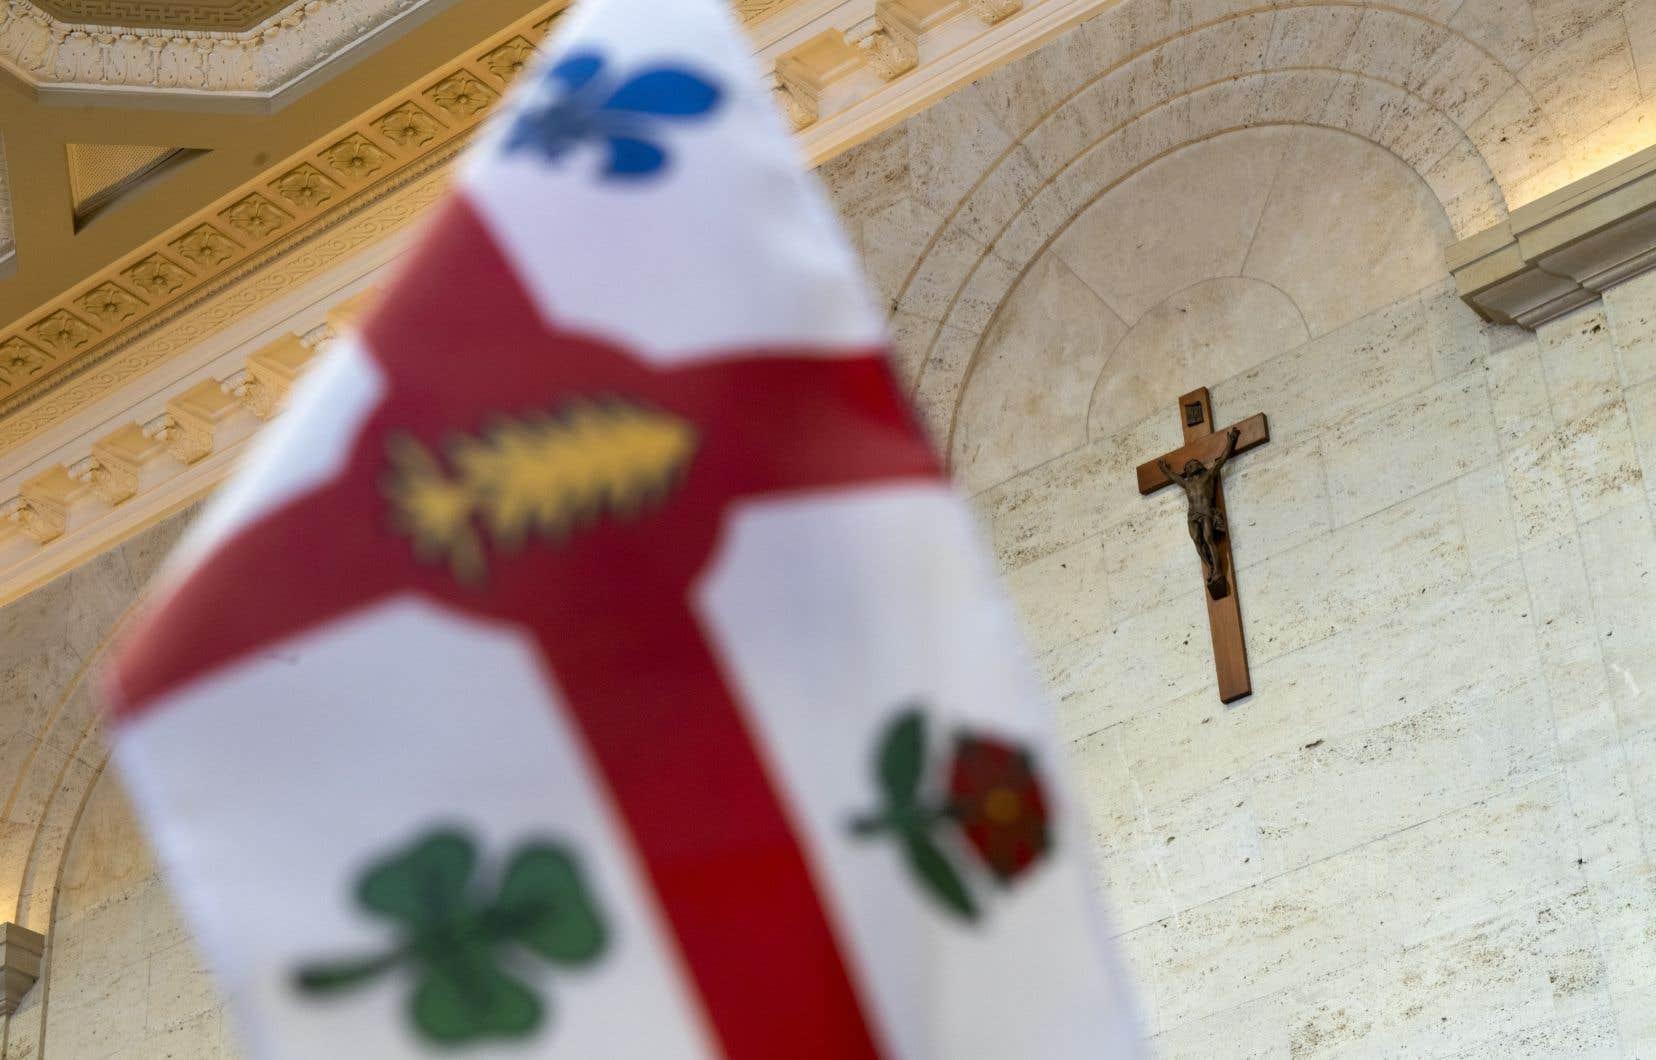 L'administration municipale de Montréal profitera de travaux de rénovation effectués dans la salle du conseil municipal pour retirer le crucifix qui orne un de ses murs. Le premier ministre François Legault songe aujourd'hui à imiter ce geste.